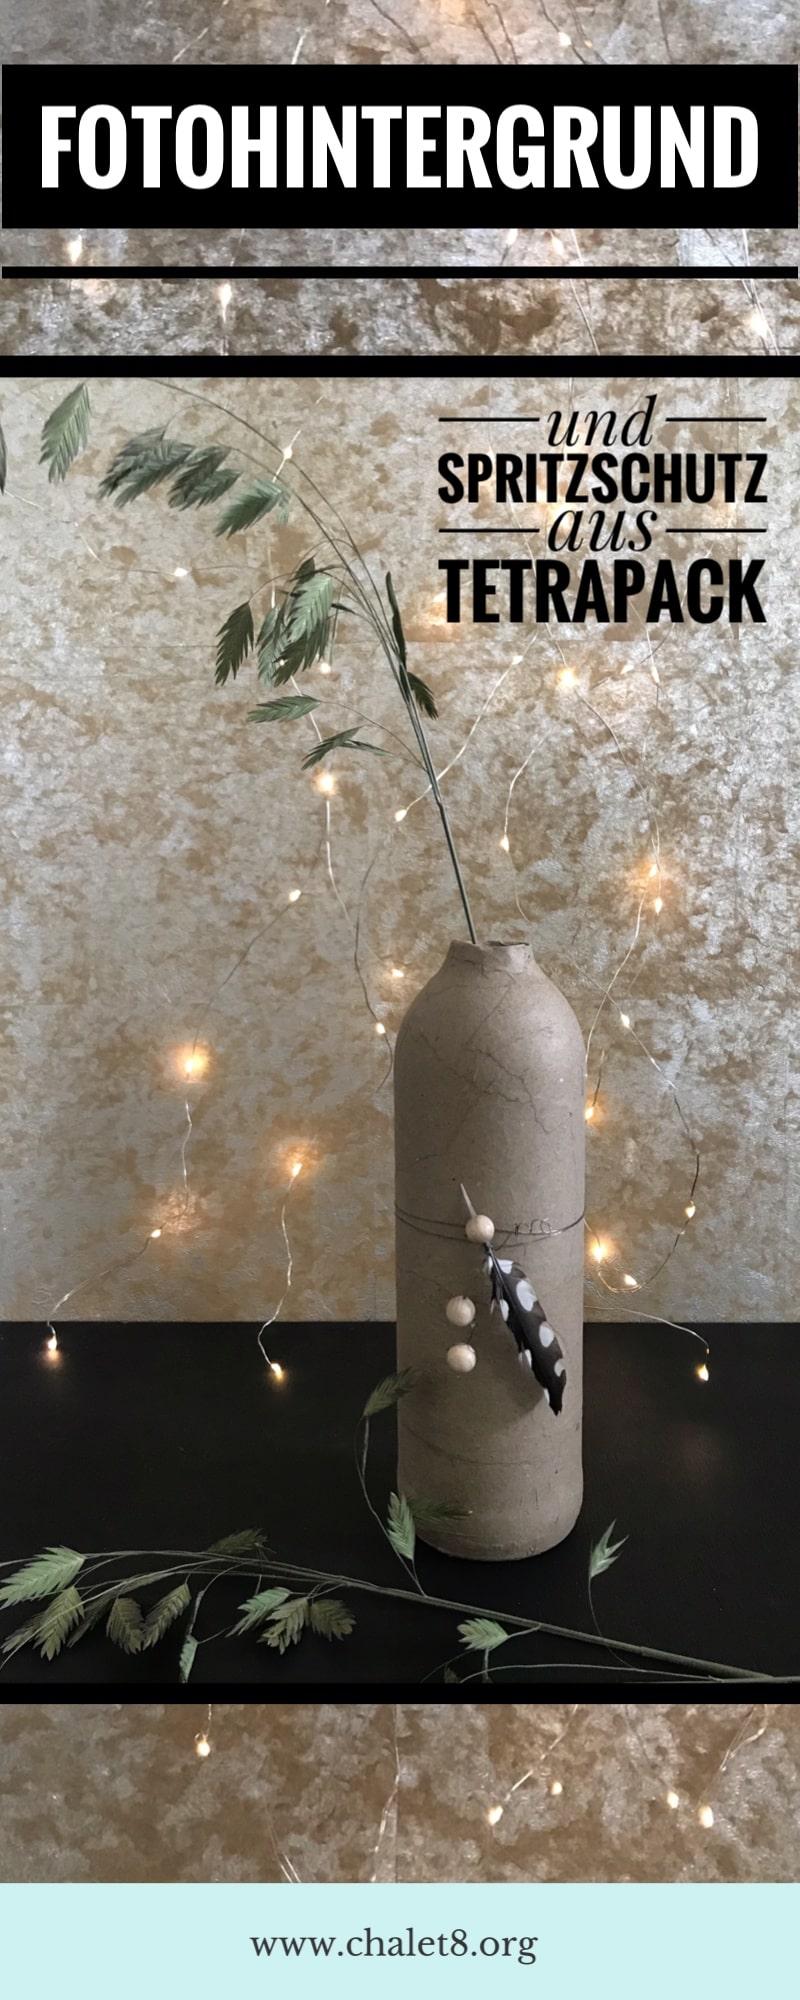 DIY Fotohintergrund und Spritzschutz aus Tetrapack. Upcycling Idee für Blogger. #chalet8 #Fotohintergrund #Spritzschutz #Tetrapack